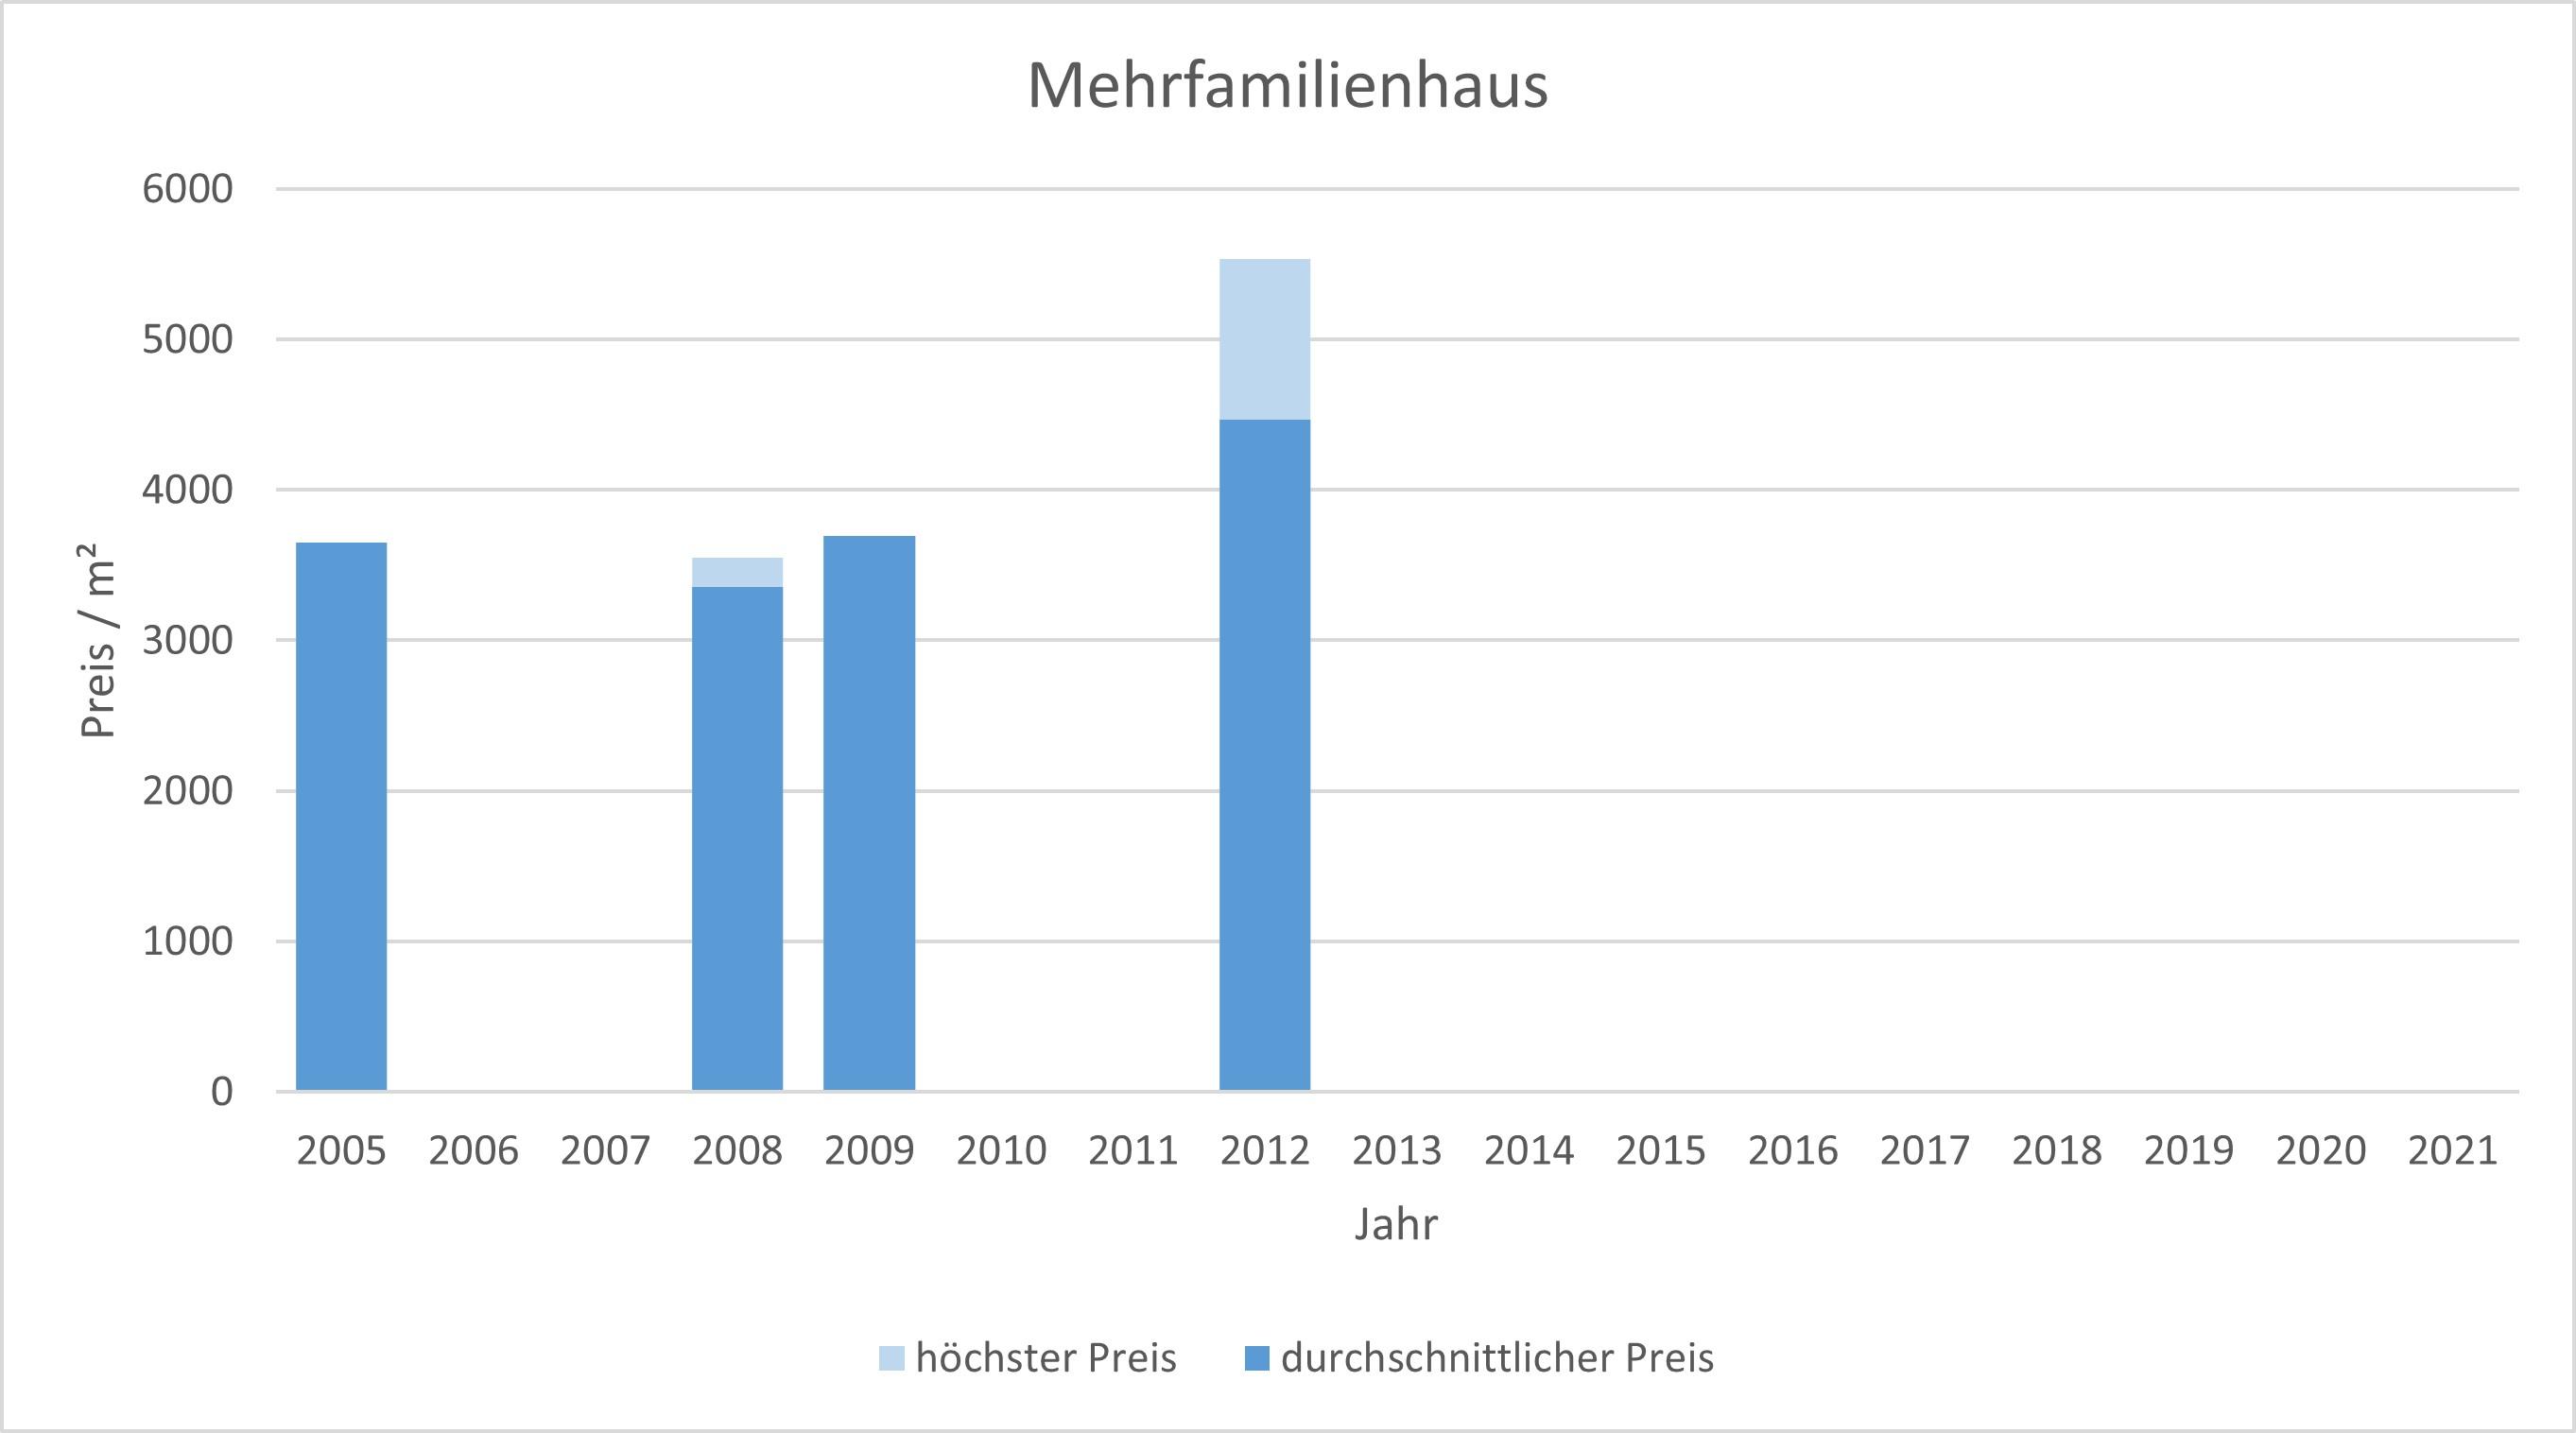 München - Denning Mehrfamilienhaus kaufen verkaufen Preis Bewertung Makler 2019 2020 2021 www.happy-immo.de